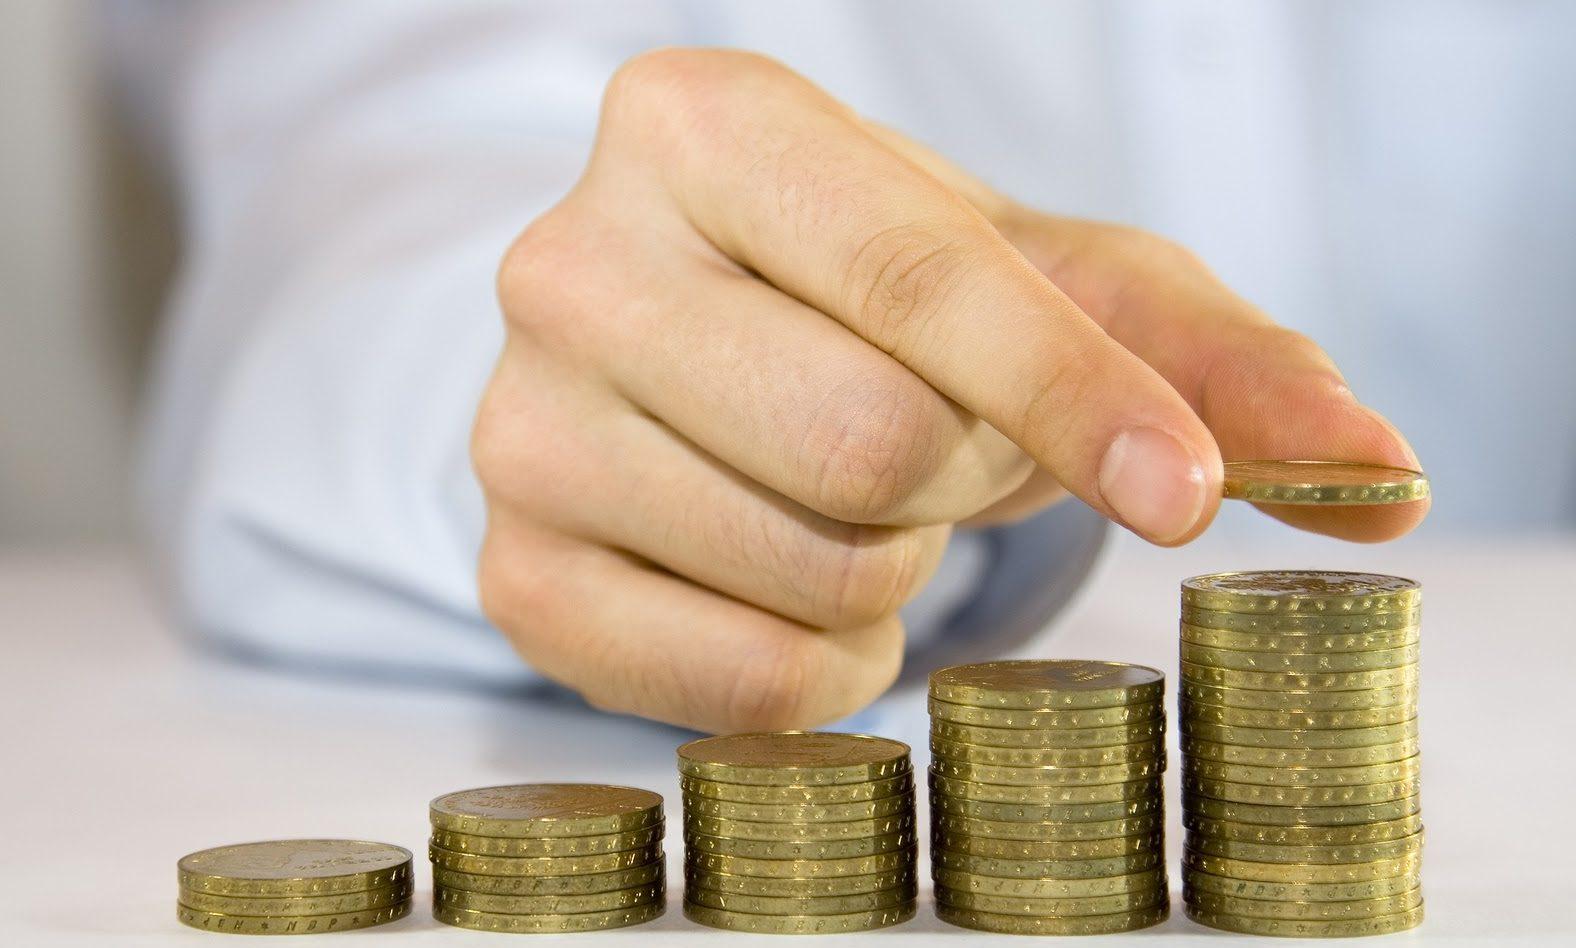 hogyan lehet pénzt keresni otthon 500